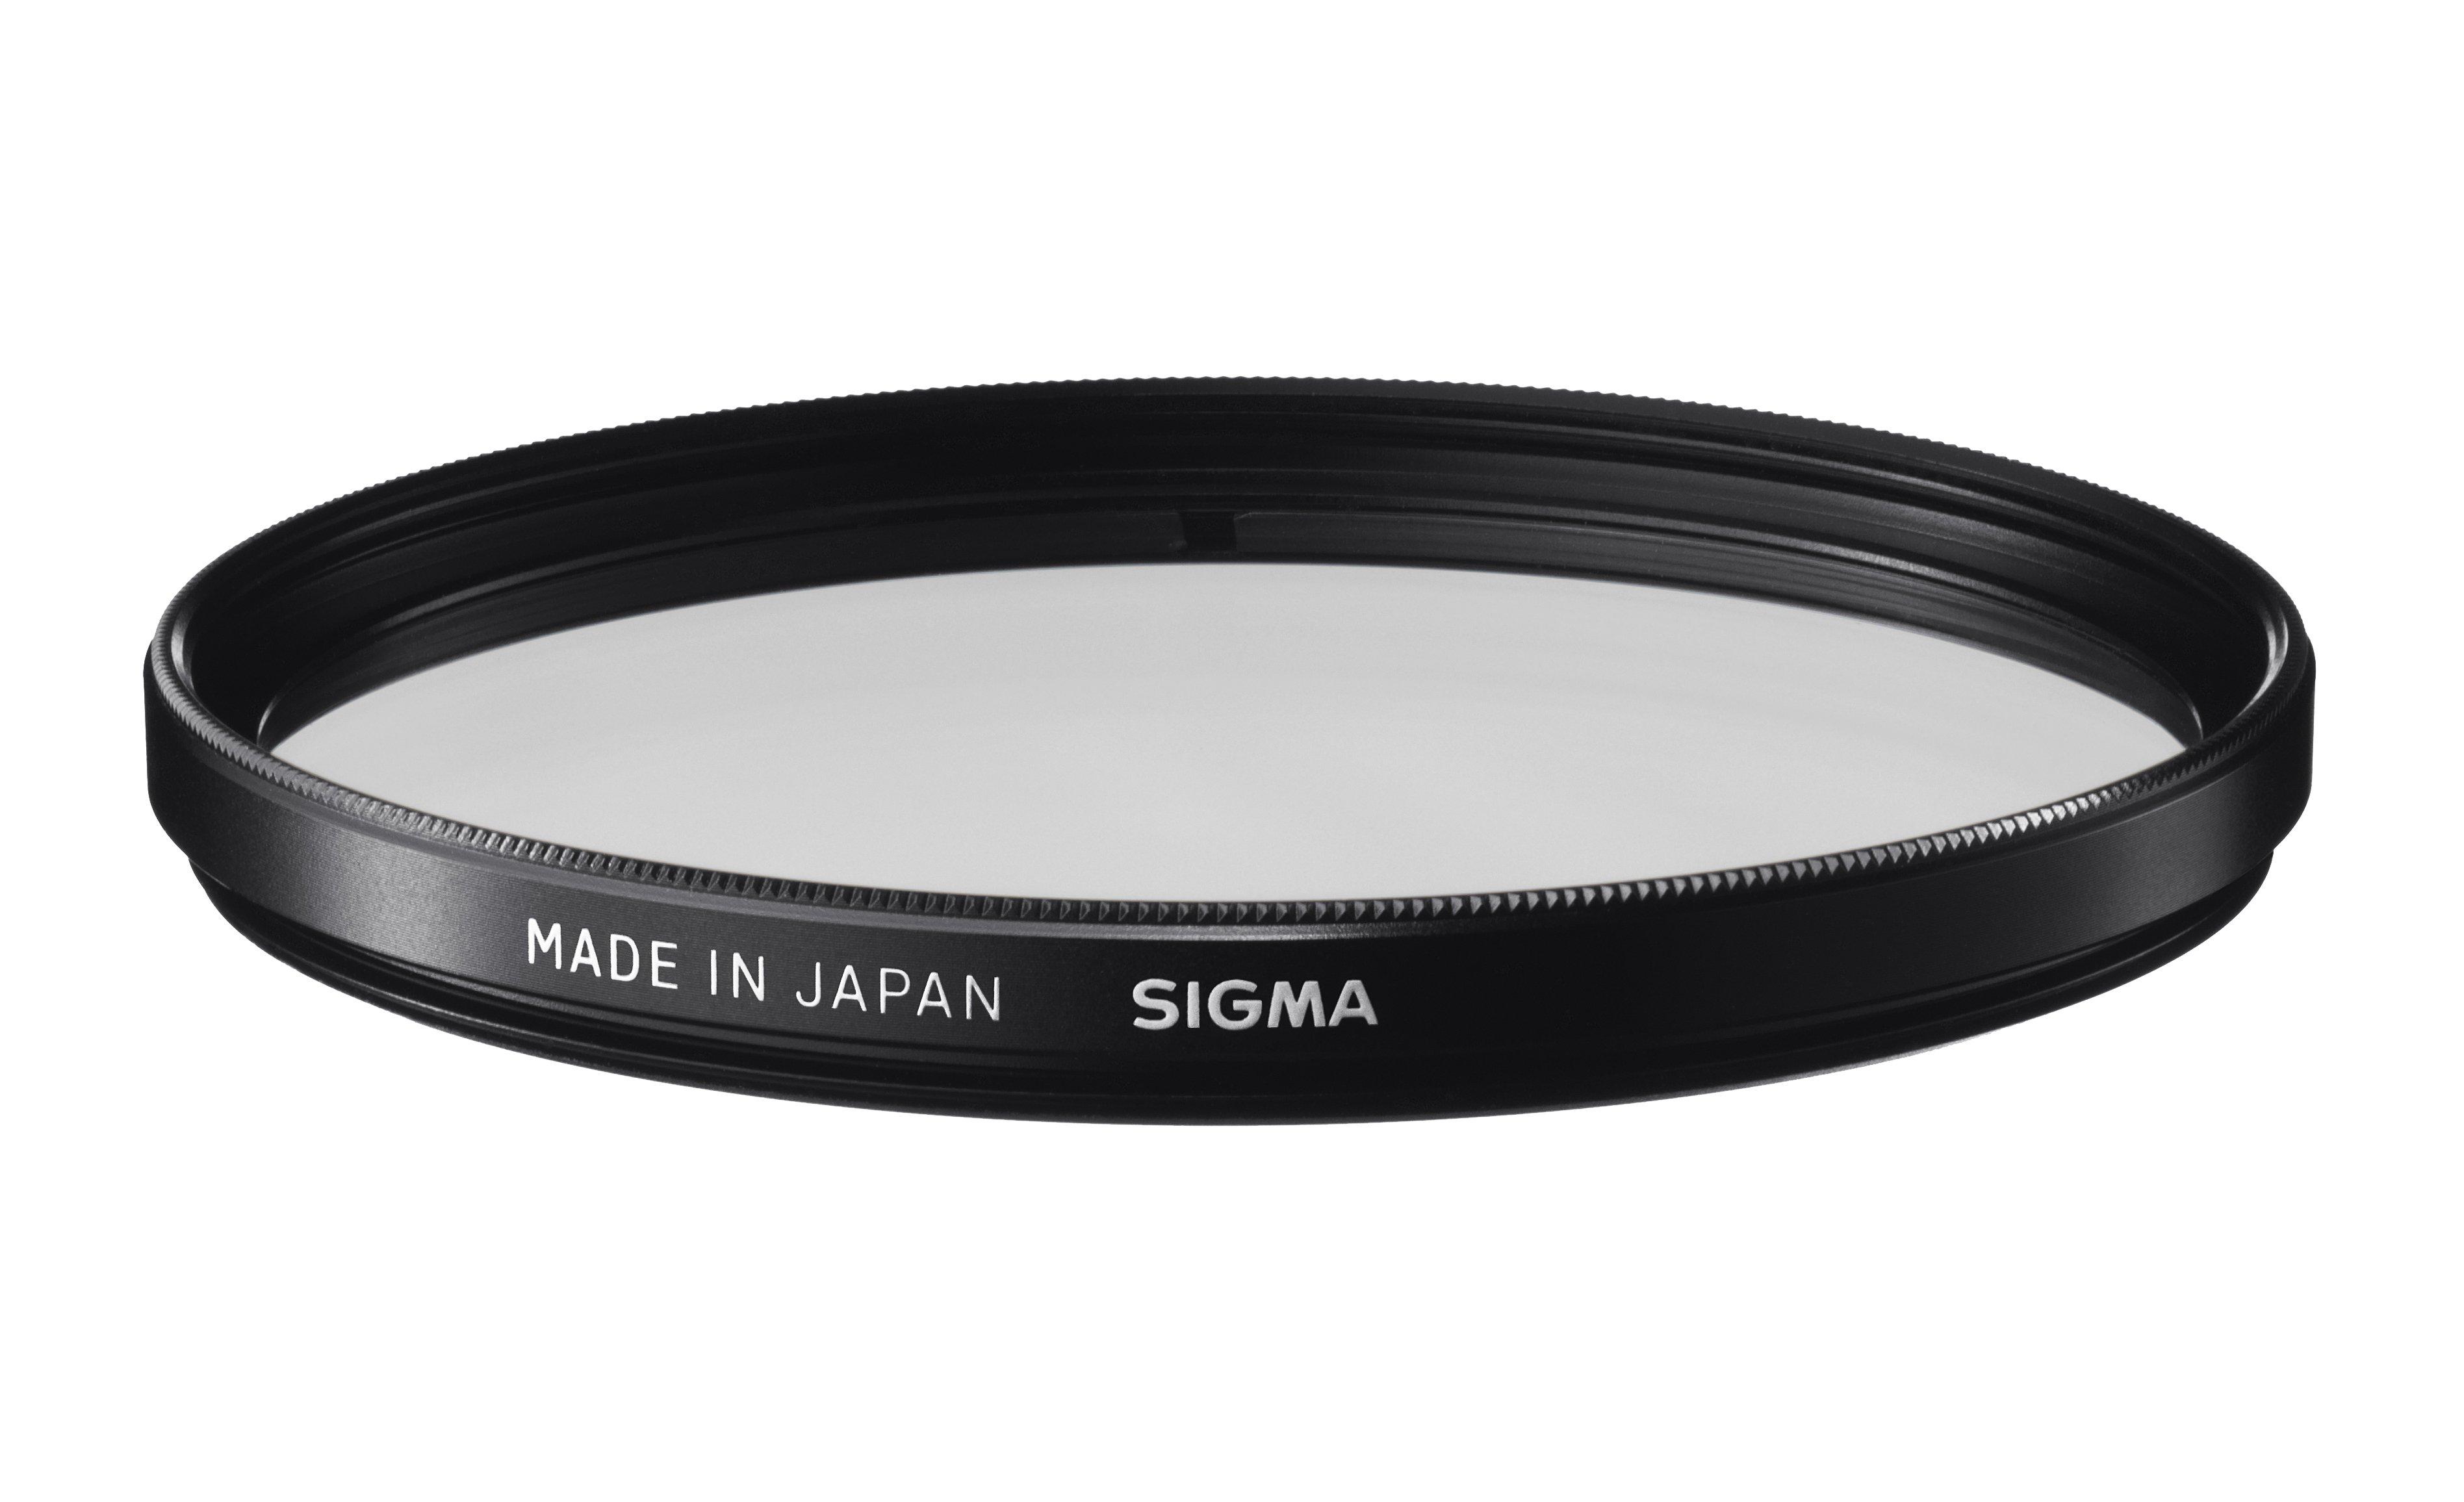 SIGMA filtr ochranný 72 mm WR